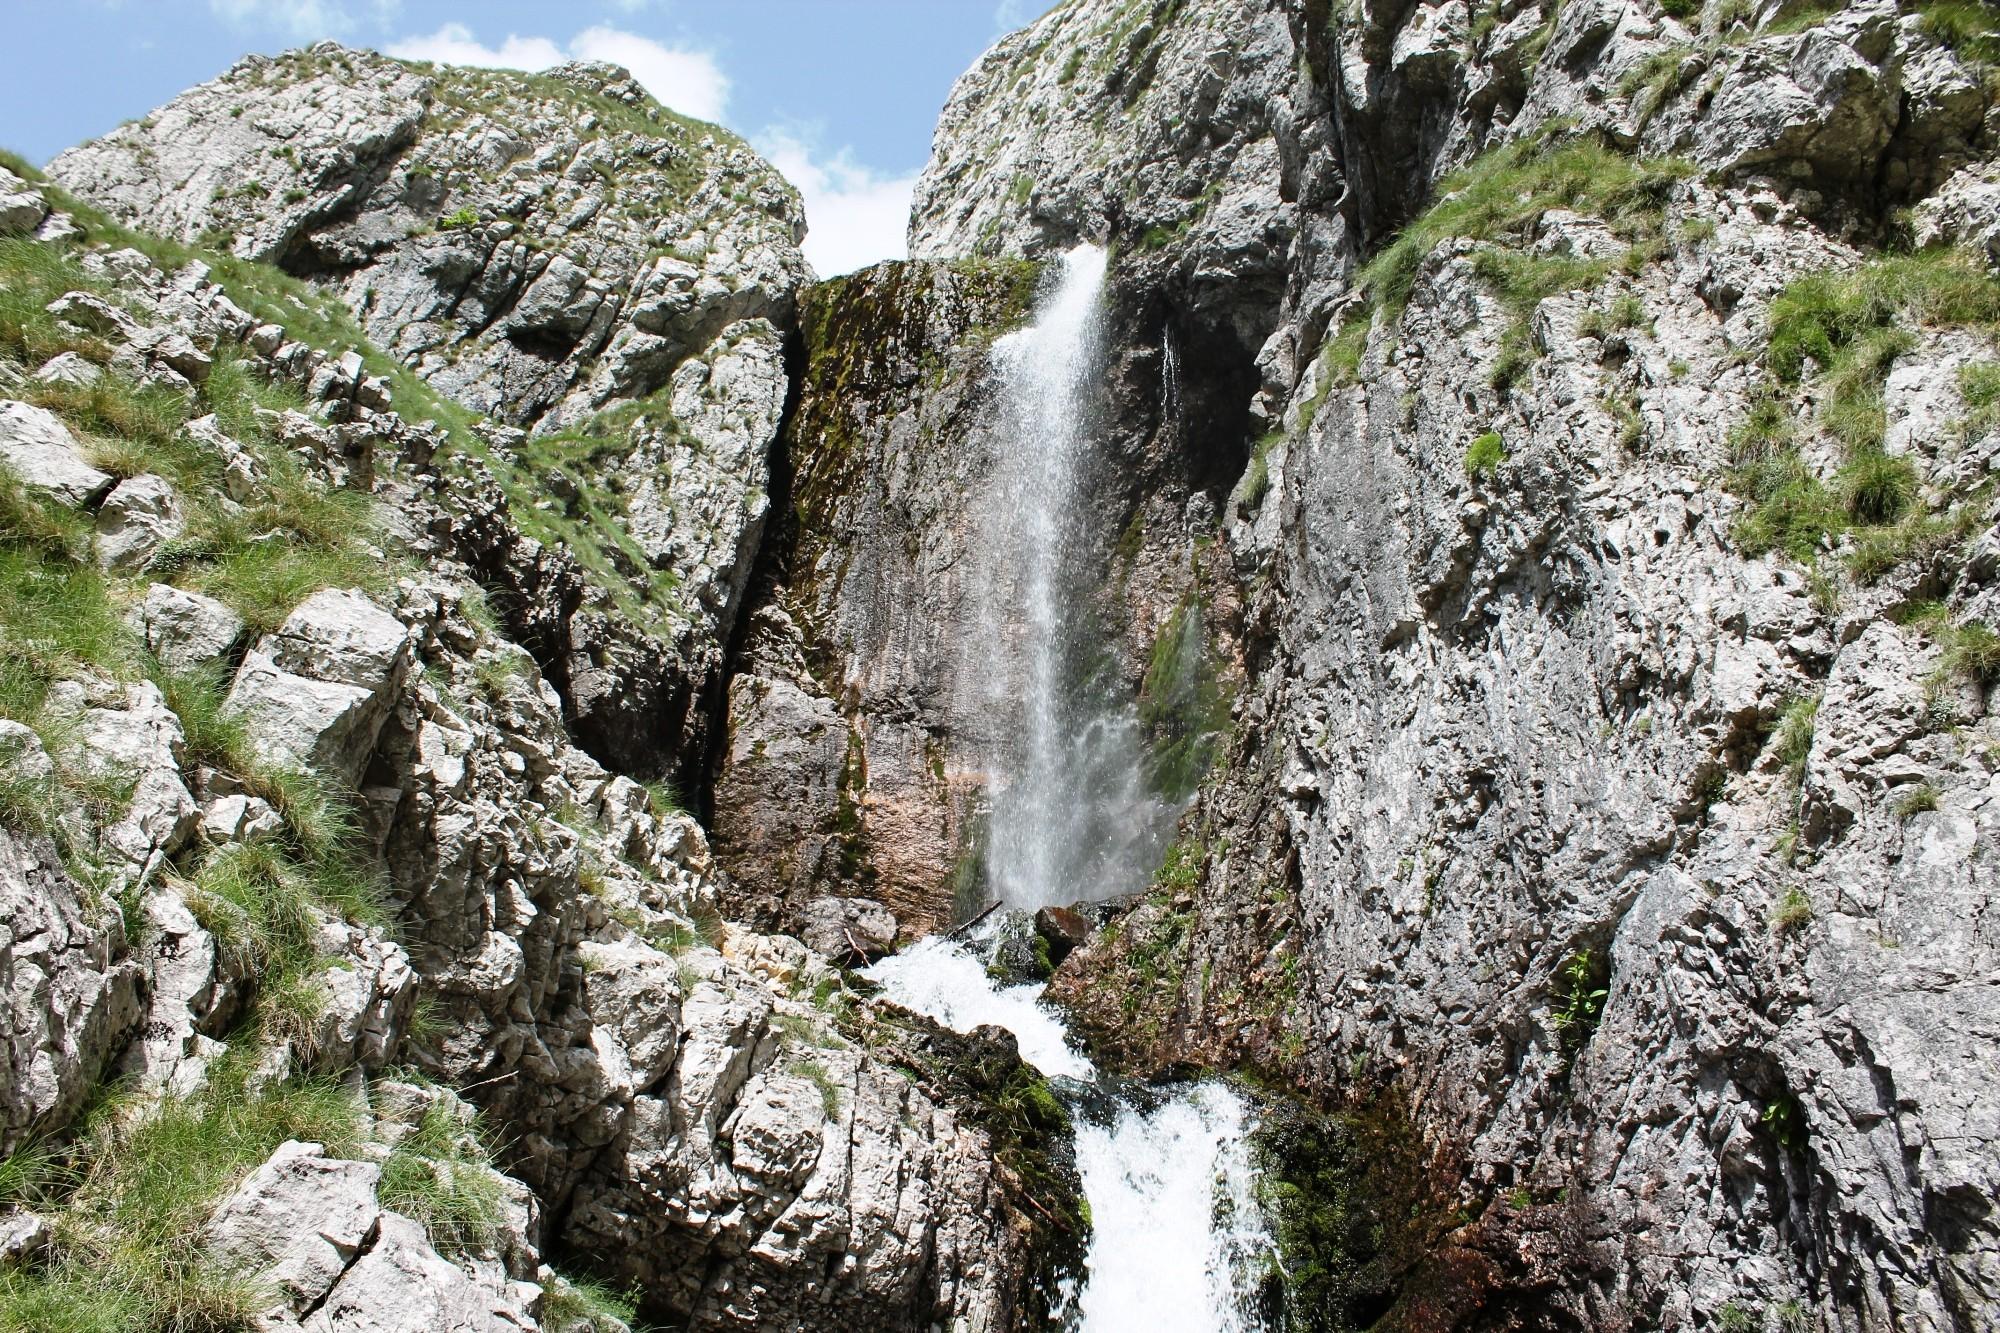 Vodopad Skakala